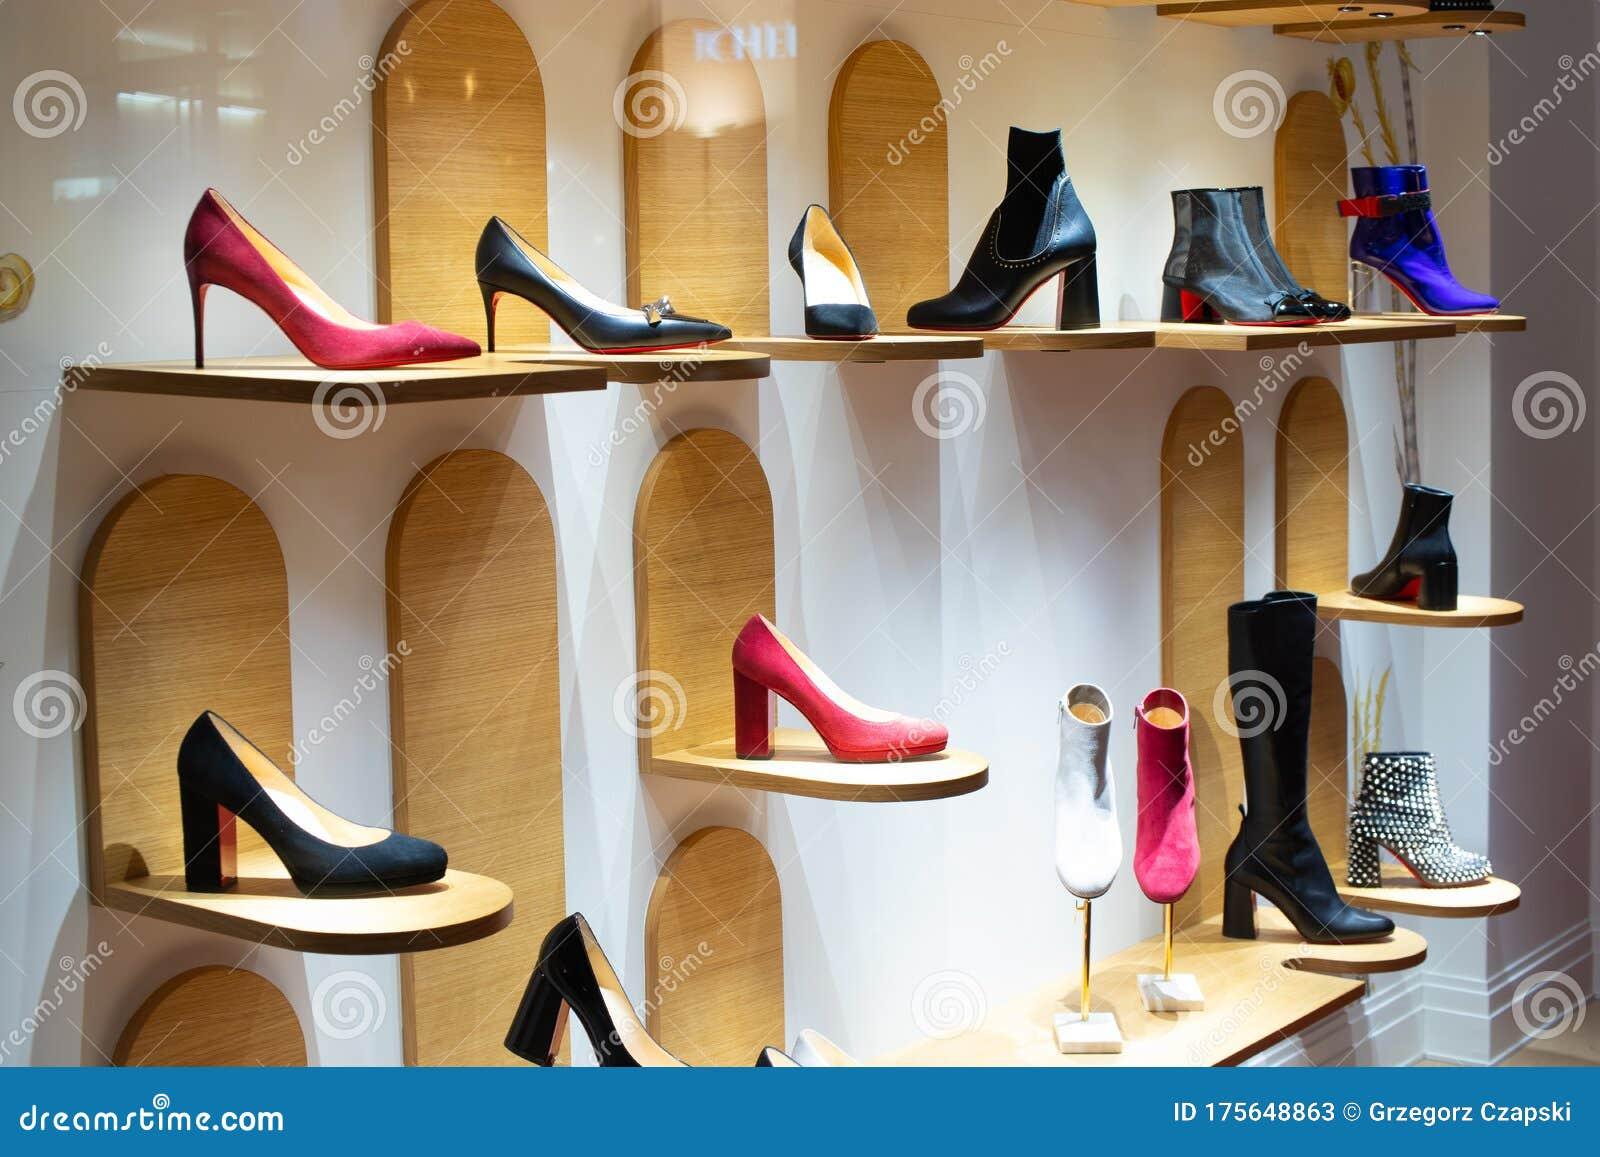 Christian Louboutin Window Store, Shoe